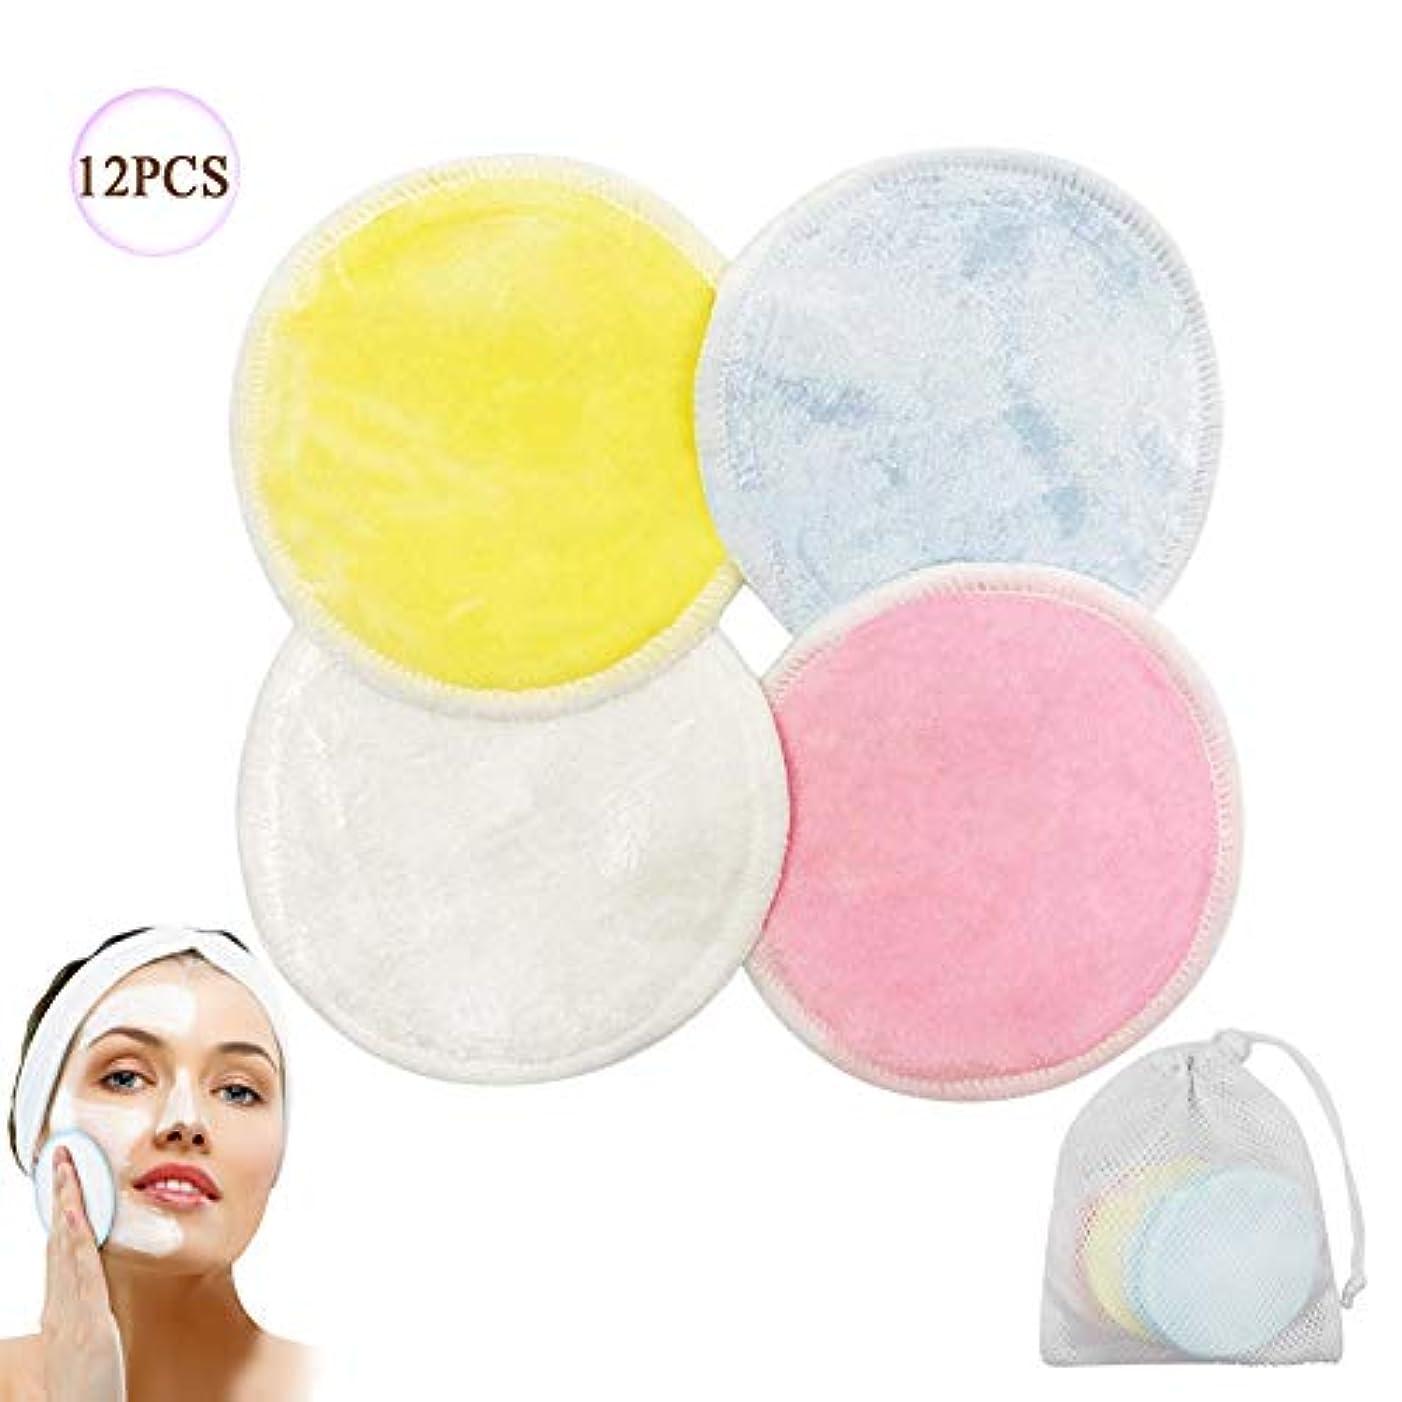 メイク落としパッド、再利用可能な竹綿パッド、洗えるワイプ、女性の顔/目/唇のための柔らかくて快適なランドリーバッグ,12PCS